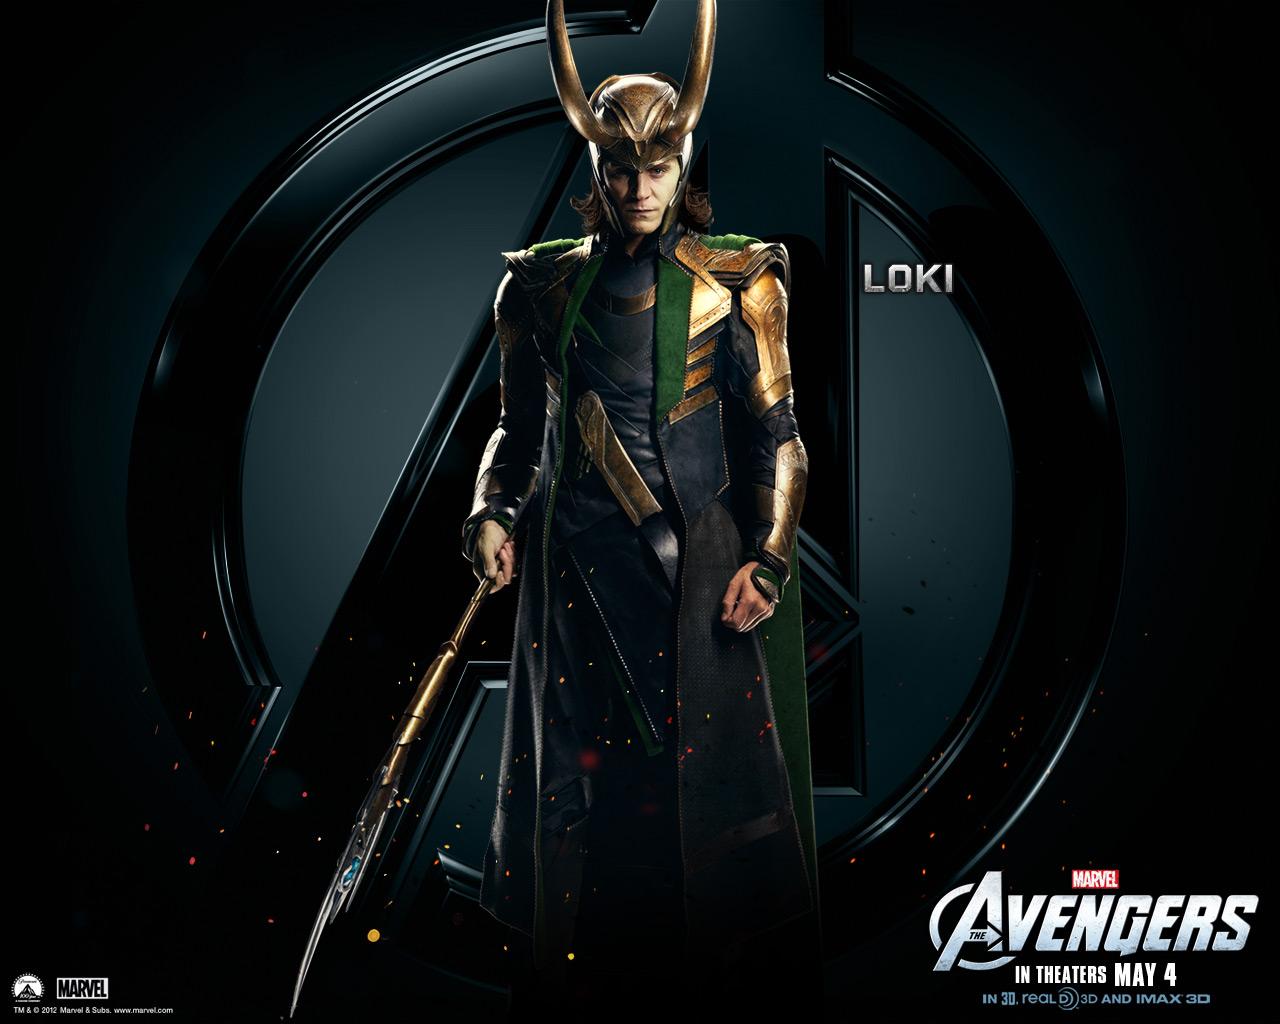 Top Wallpaper Marvel Loki - latest?cb\u003d20130104191713  2018_695846.jpg/revision/latest?cb\u003d20130104191713